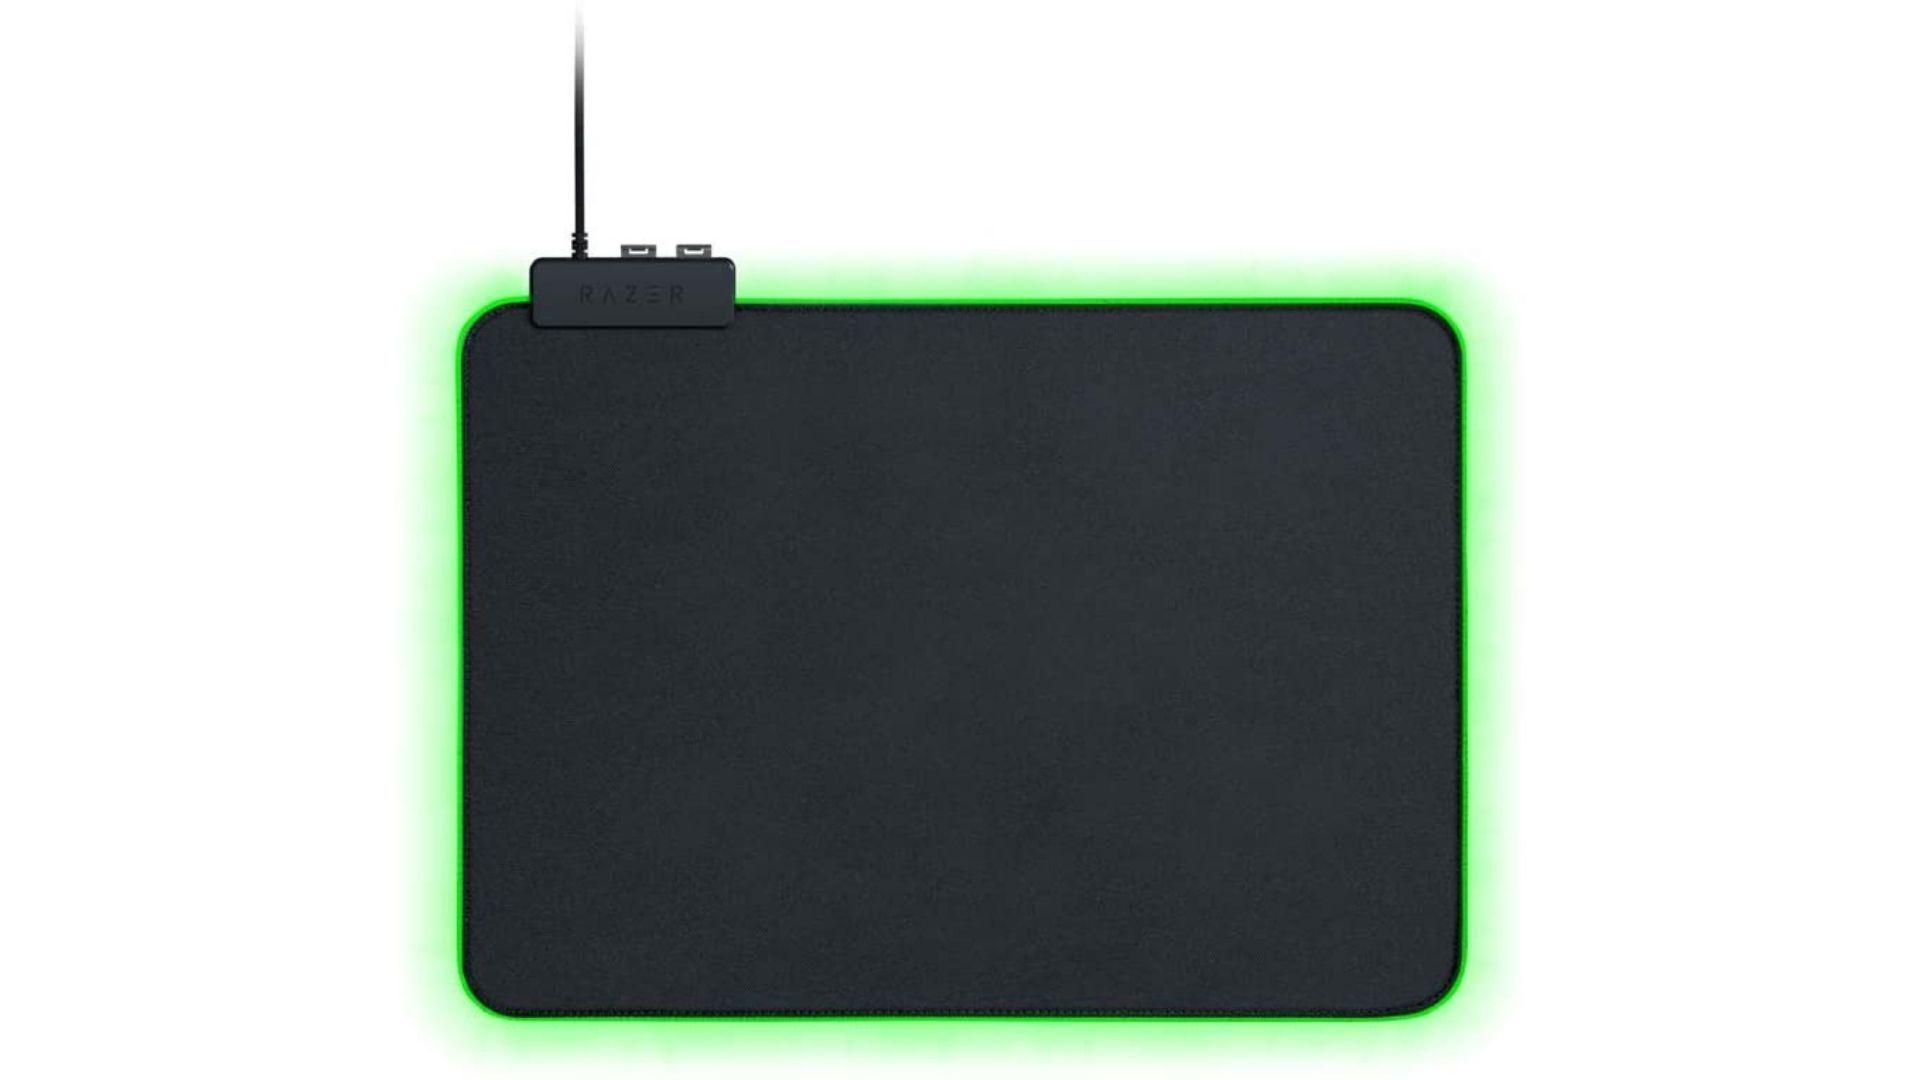 Mouse Razer Goliathus Chroma preto com luz verde